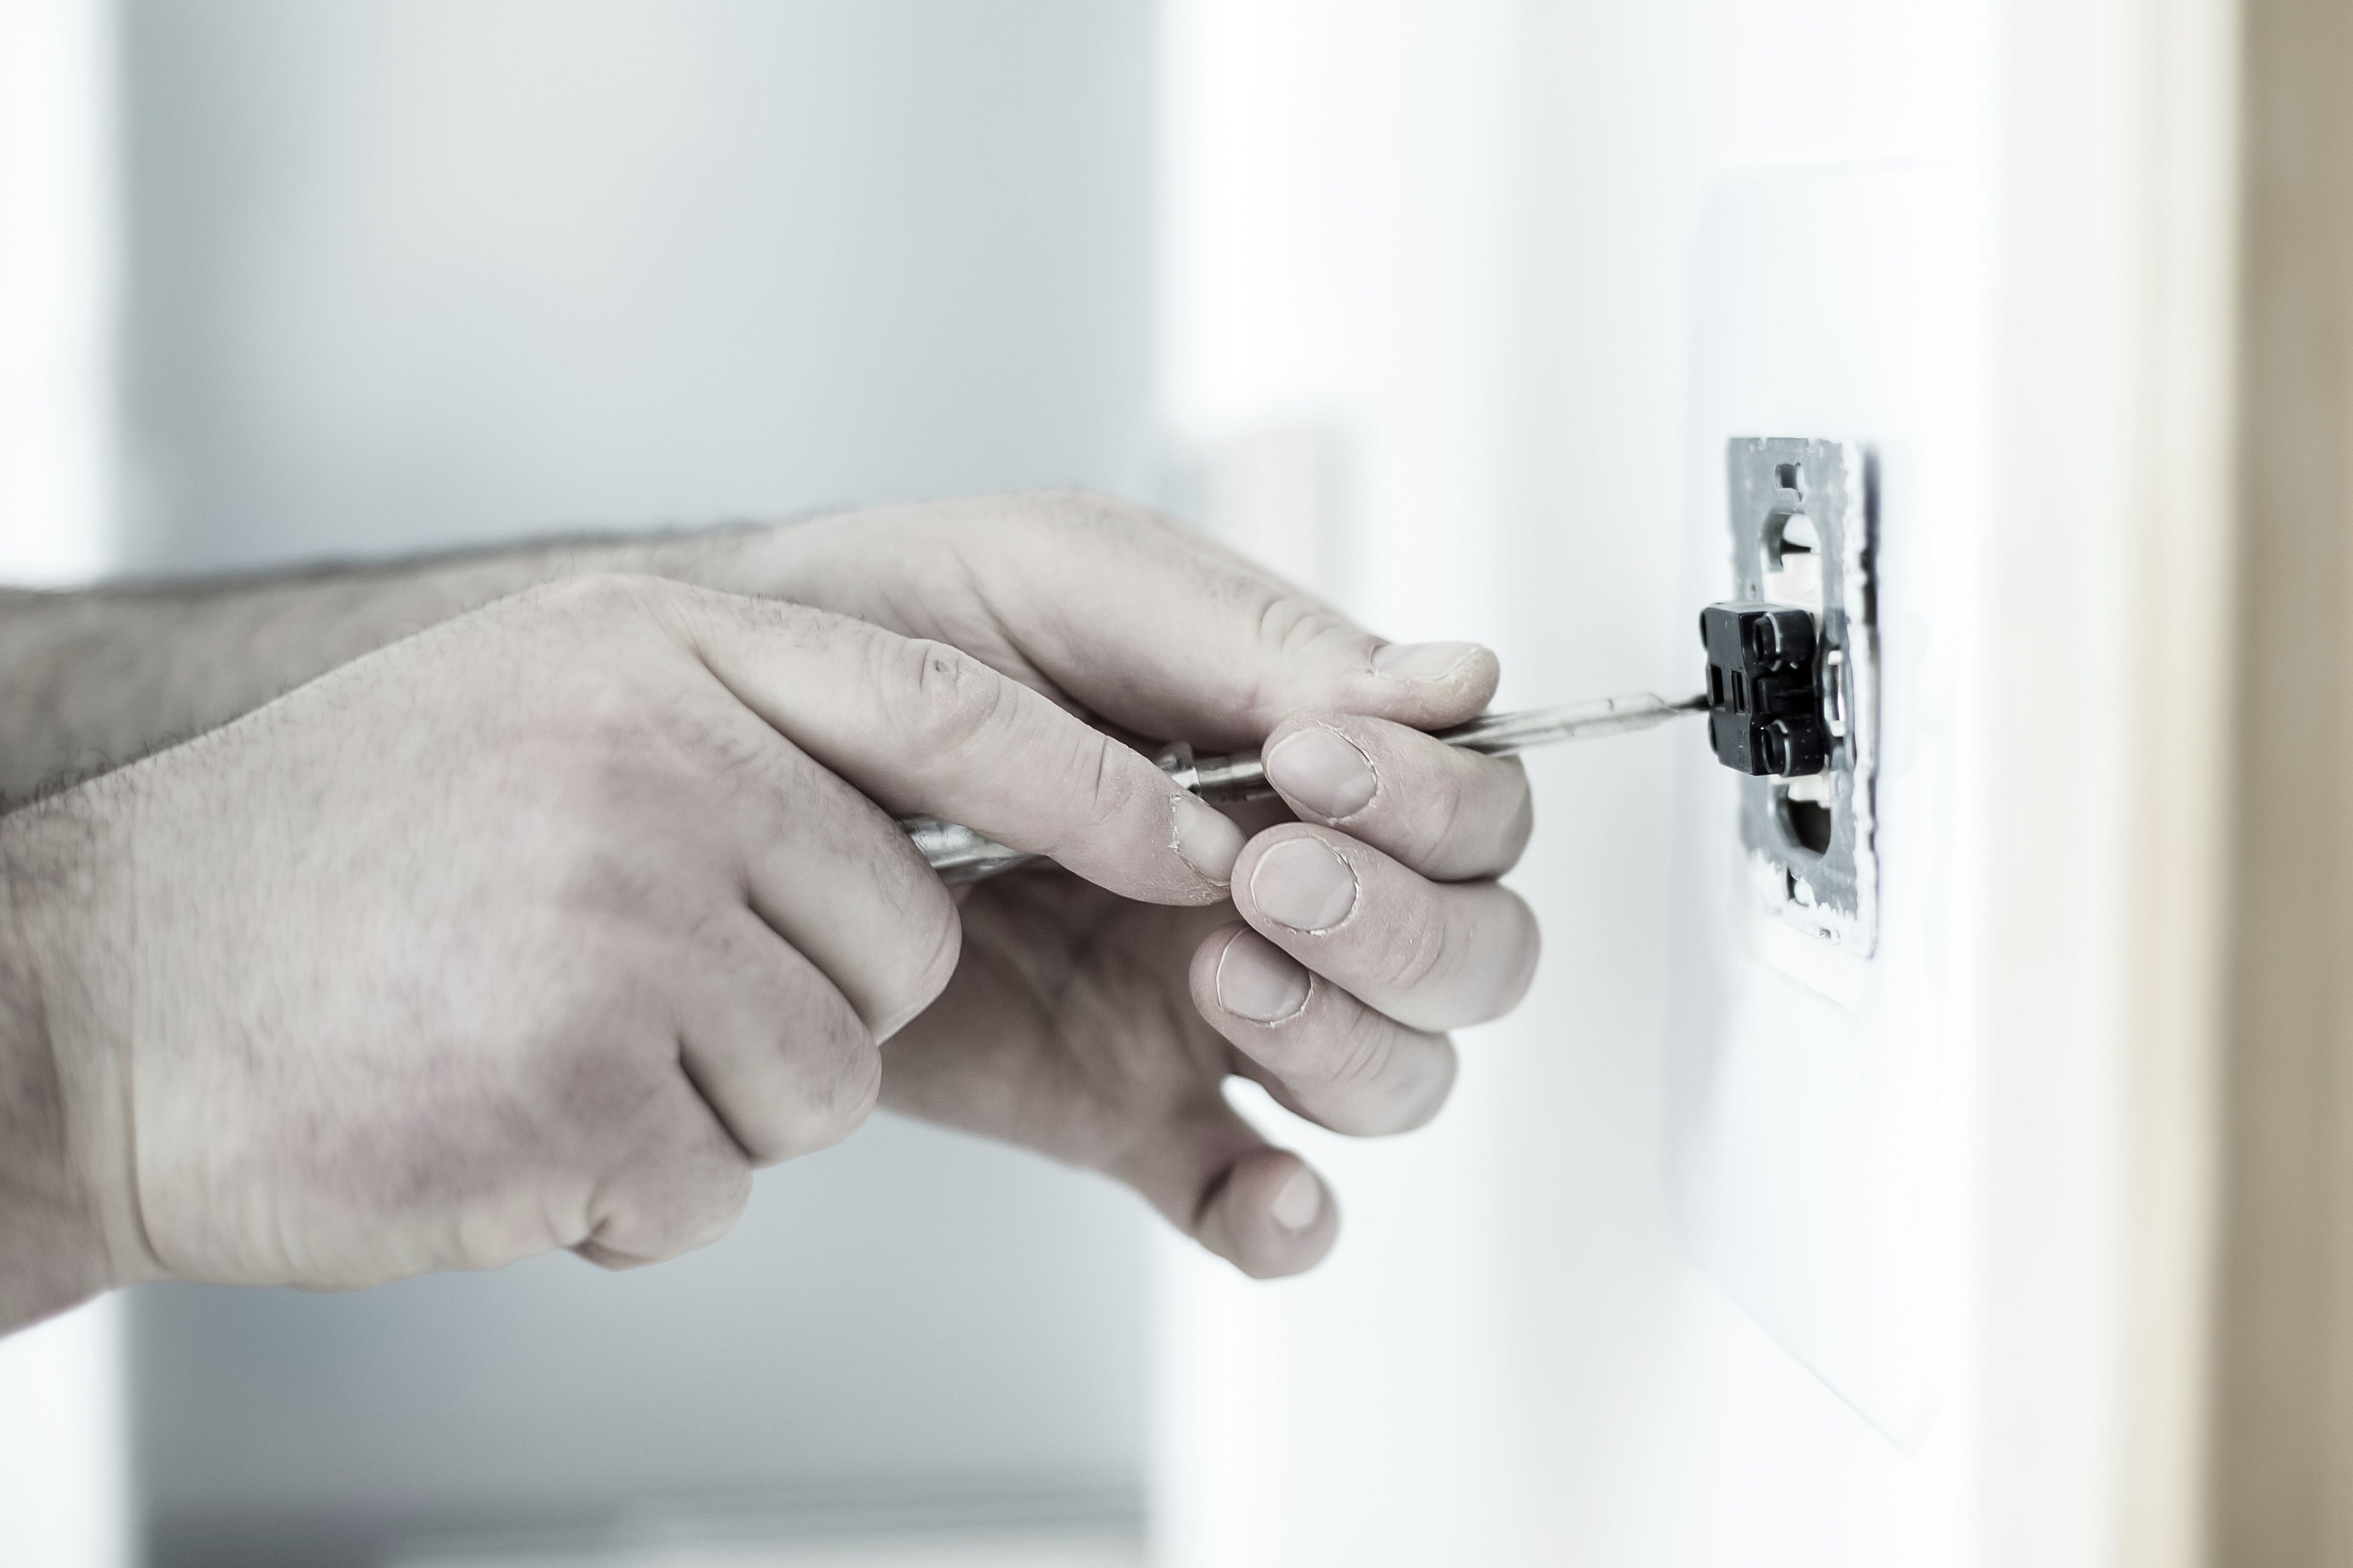 Averías 24 horas: Servicios de Electricista Ona